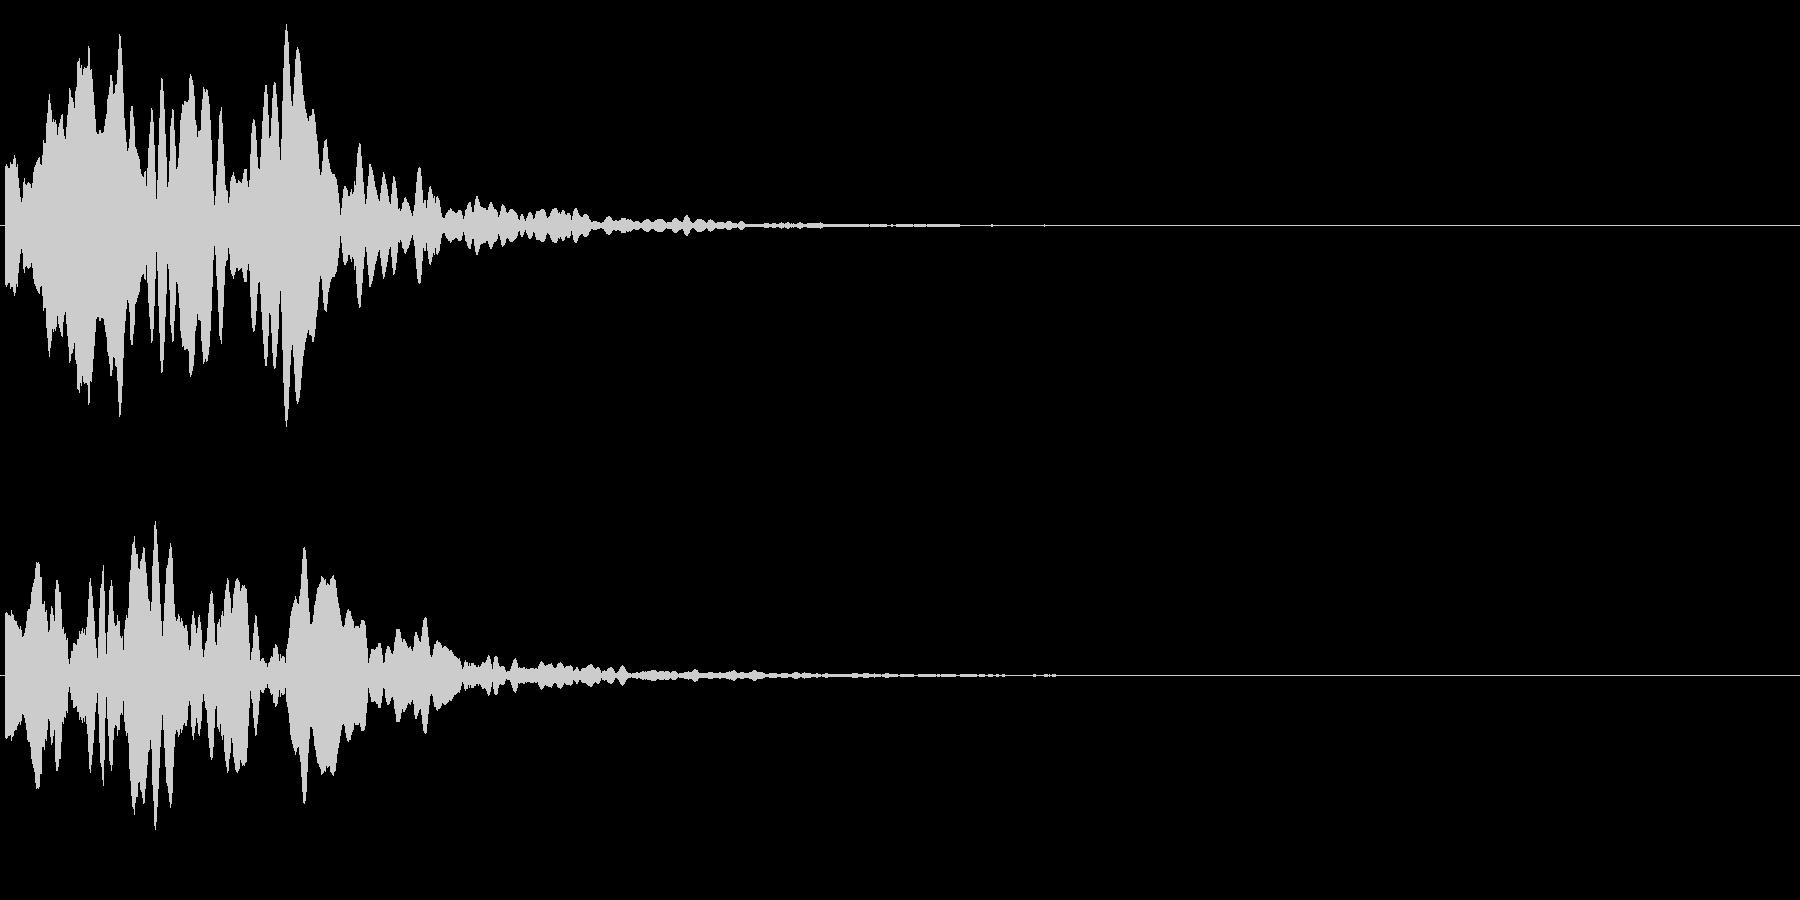 ゲームスタート、決定、ボタン音-129の未再生の波形